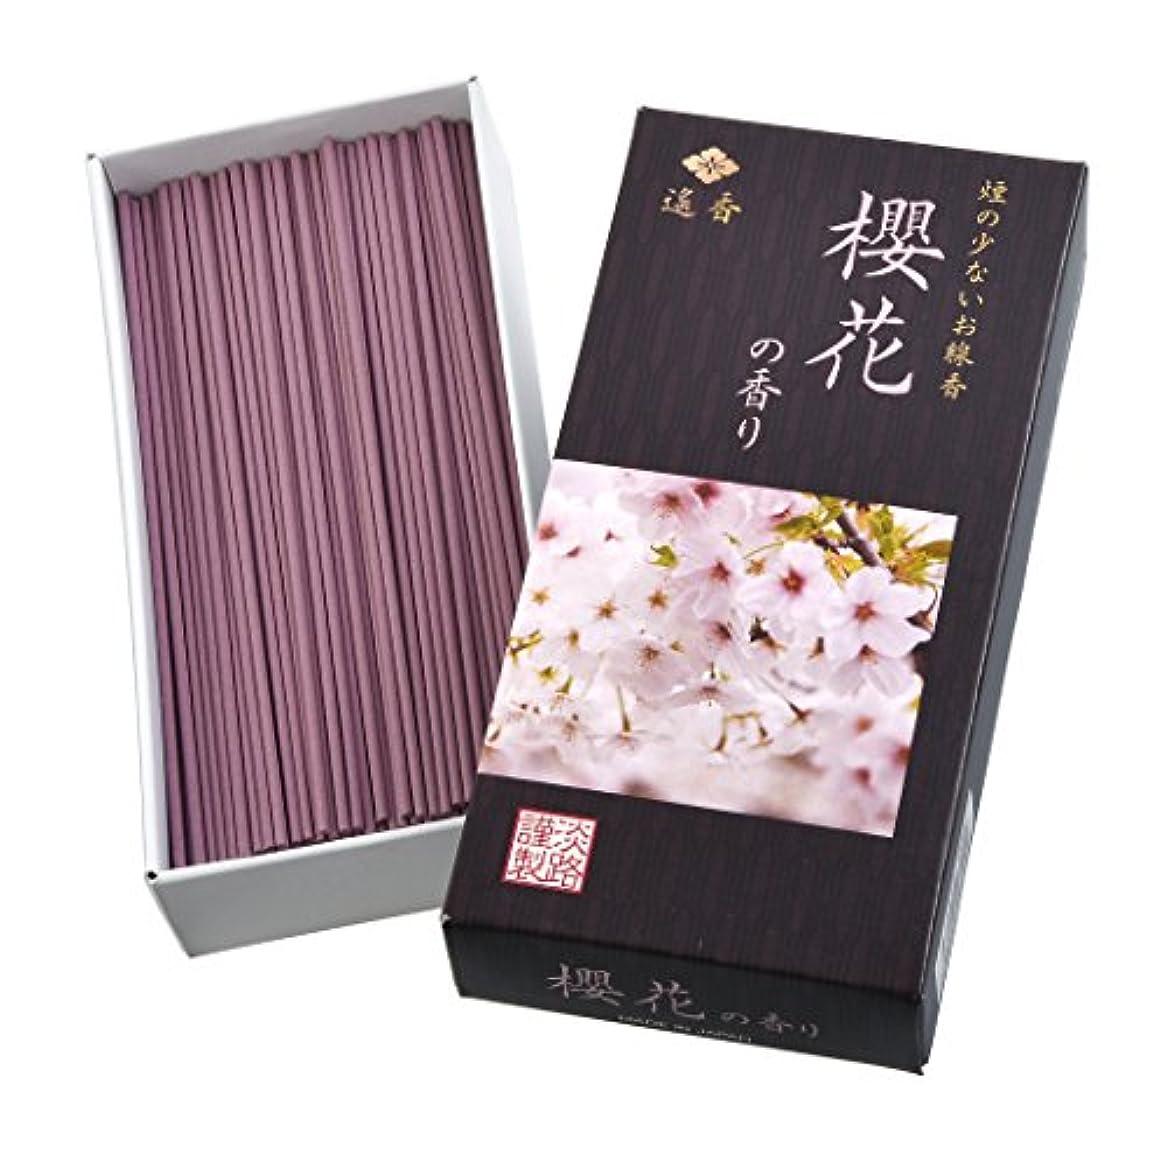 コミットメントみすぼらしい権限を与える良生活 遙香 櫻花の香り